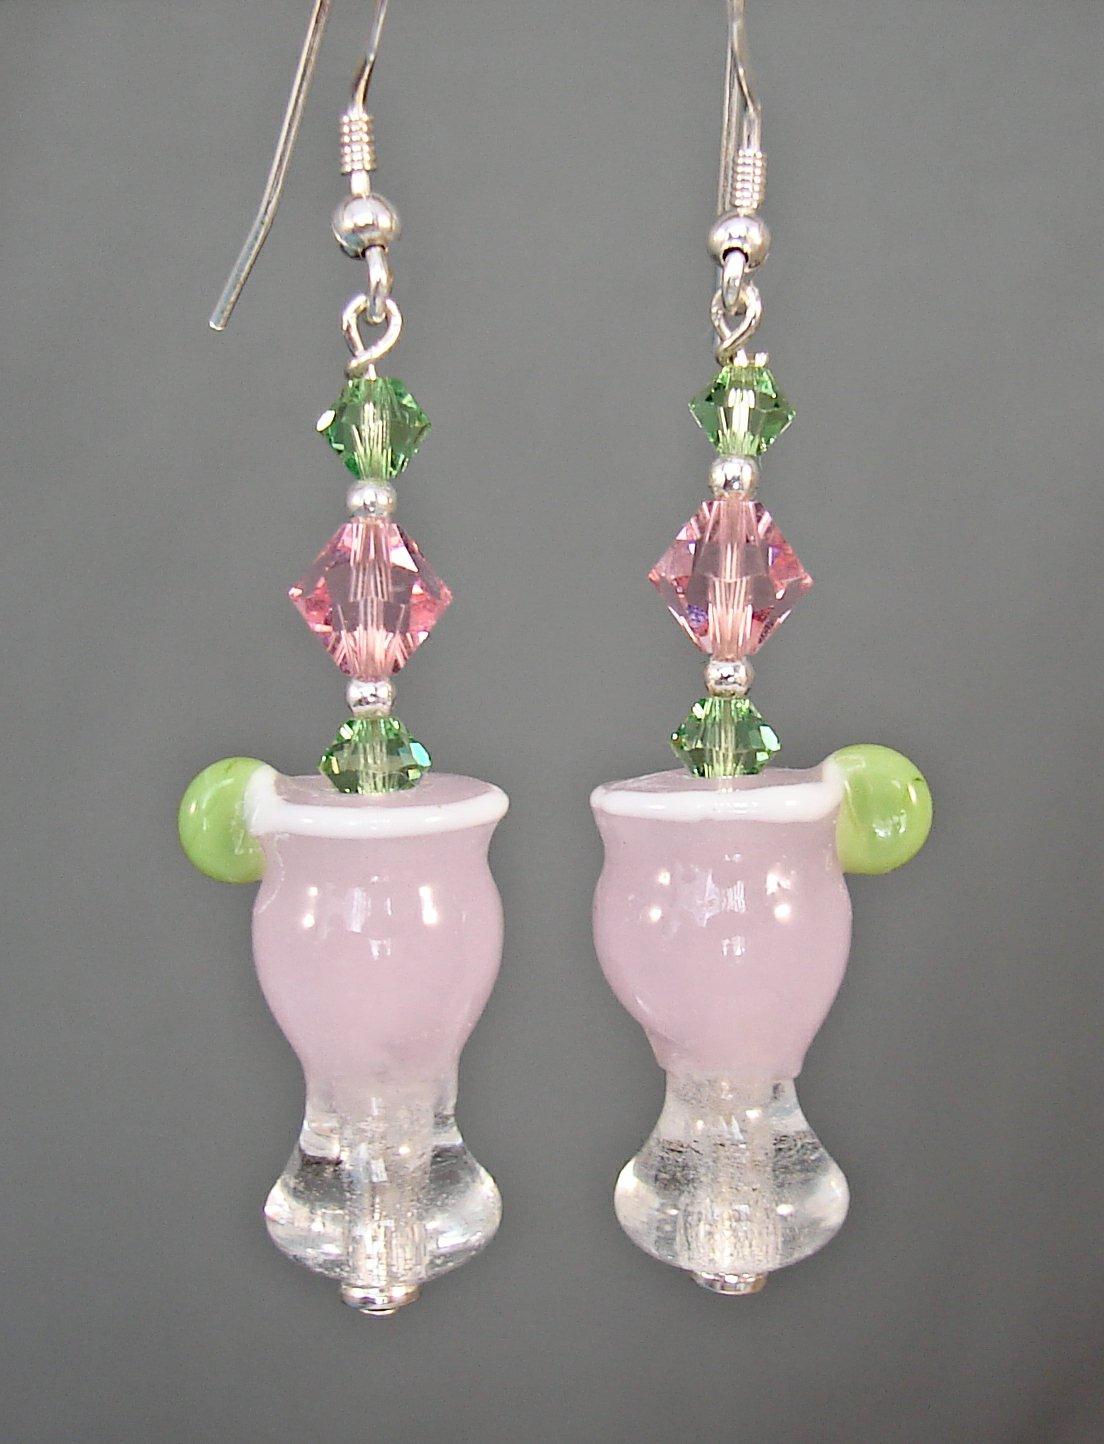 Lampwork Margarita Earrings for Cinco De Mayo - P174